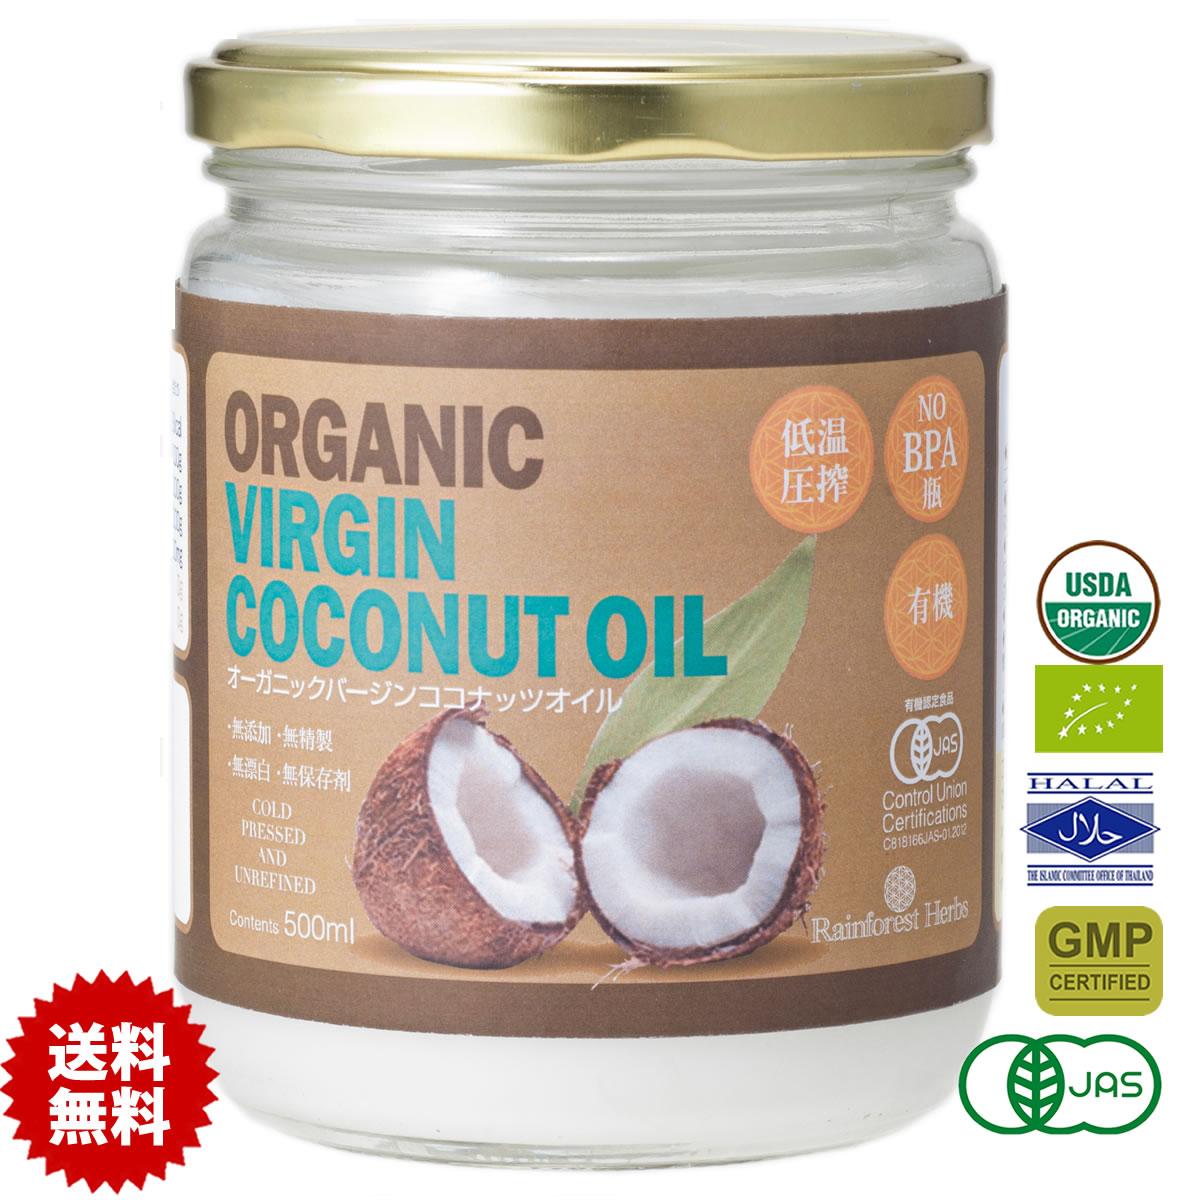 JASオーガニック認定バージンココナッツオイル